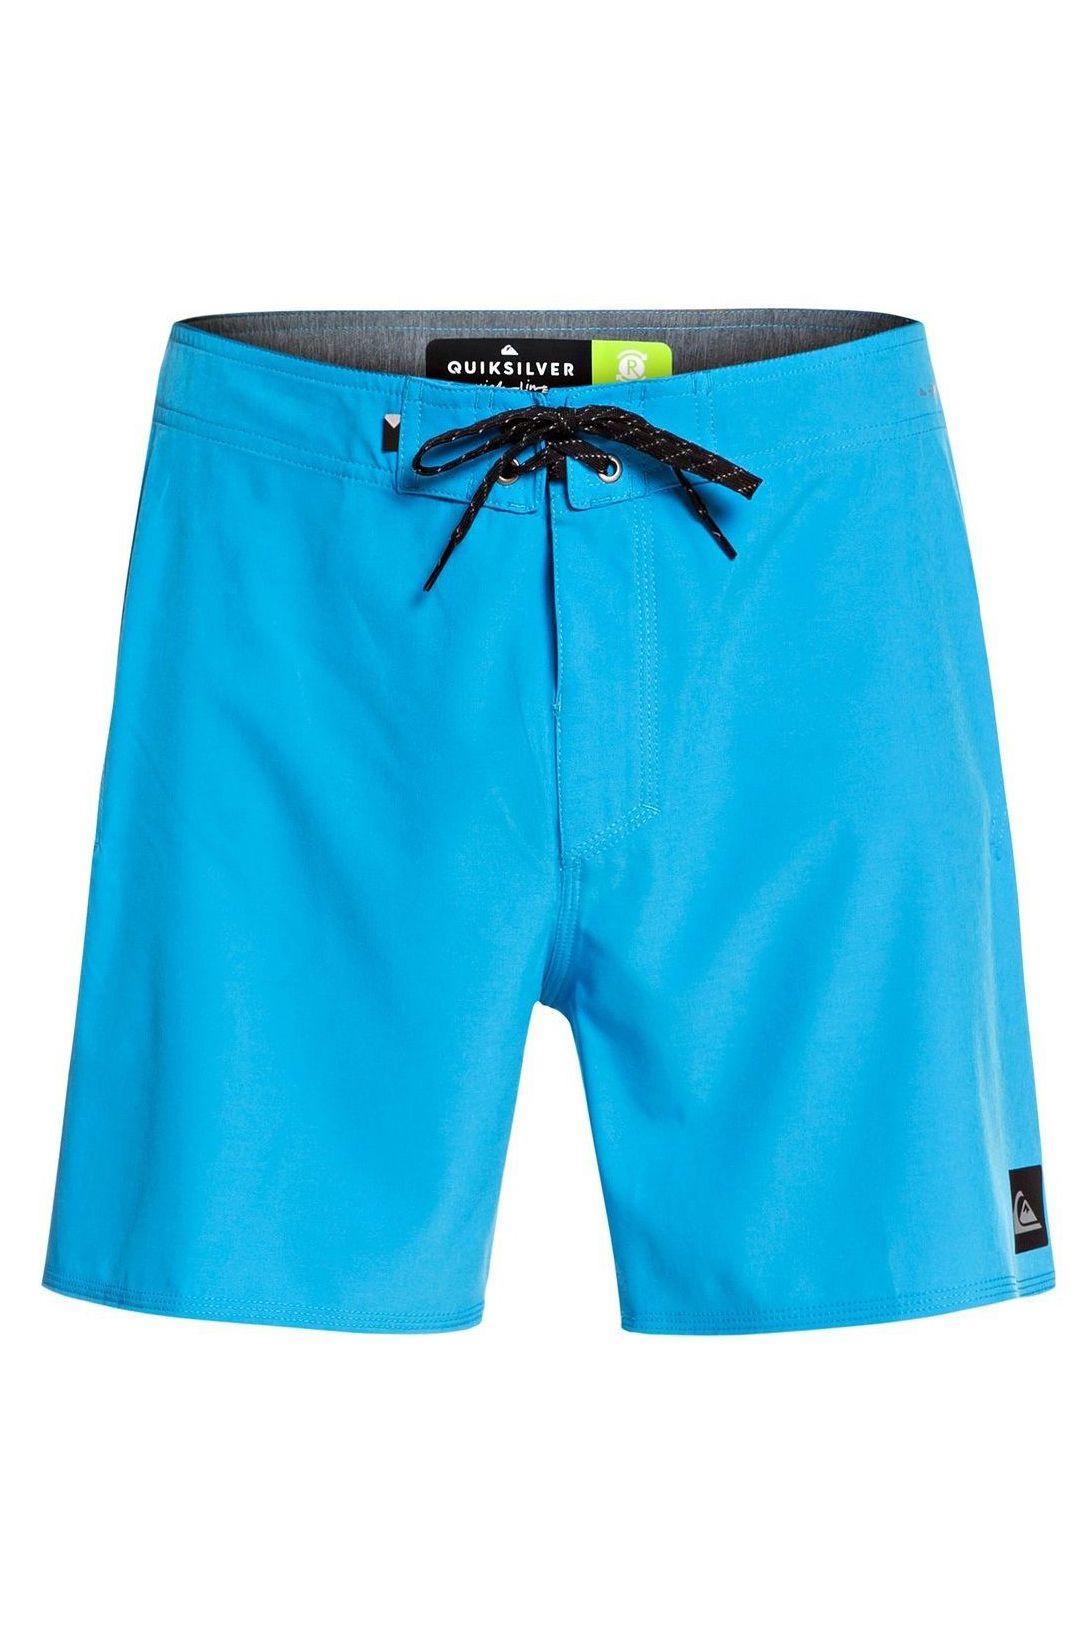 Quiksilver Boardshorts HIGHLINE KAIMANA 16 Malibu Blue